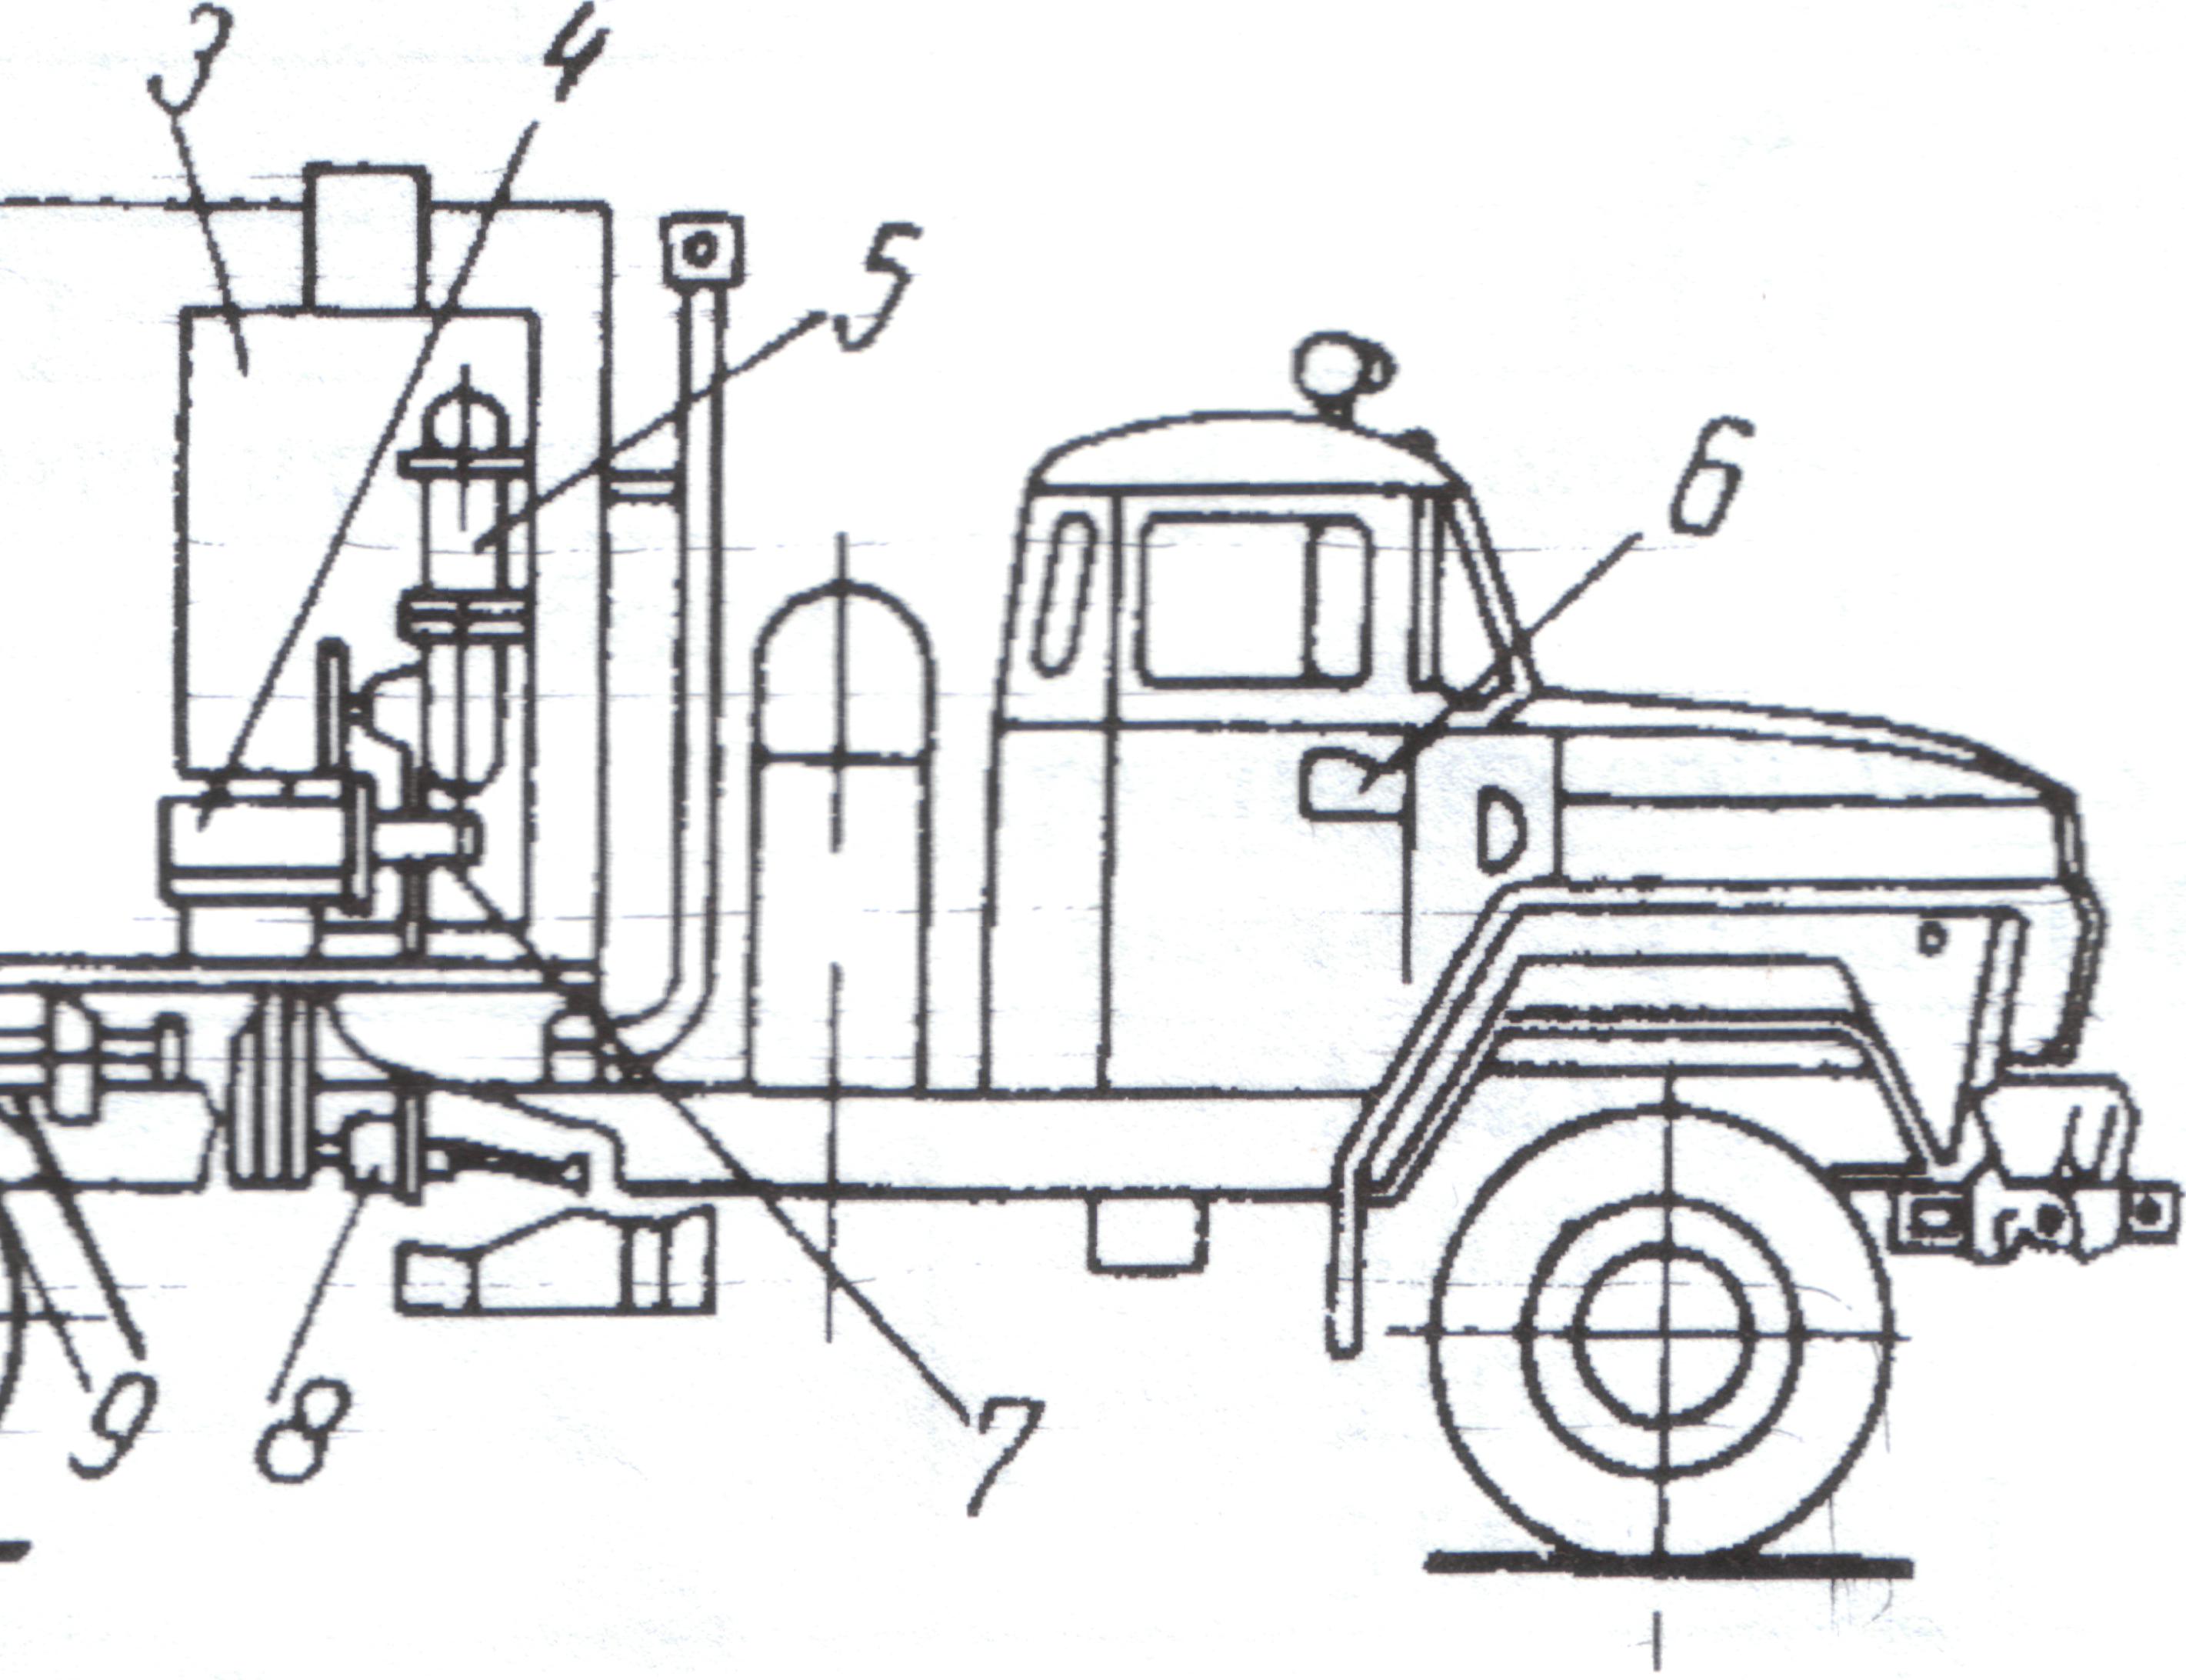 Оборудование для депарафинизации скважин реферат 2738